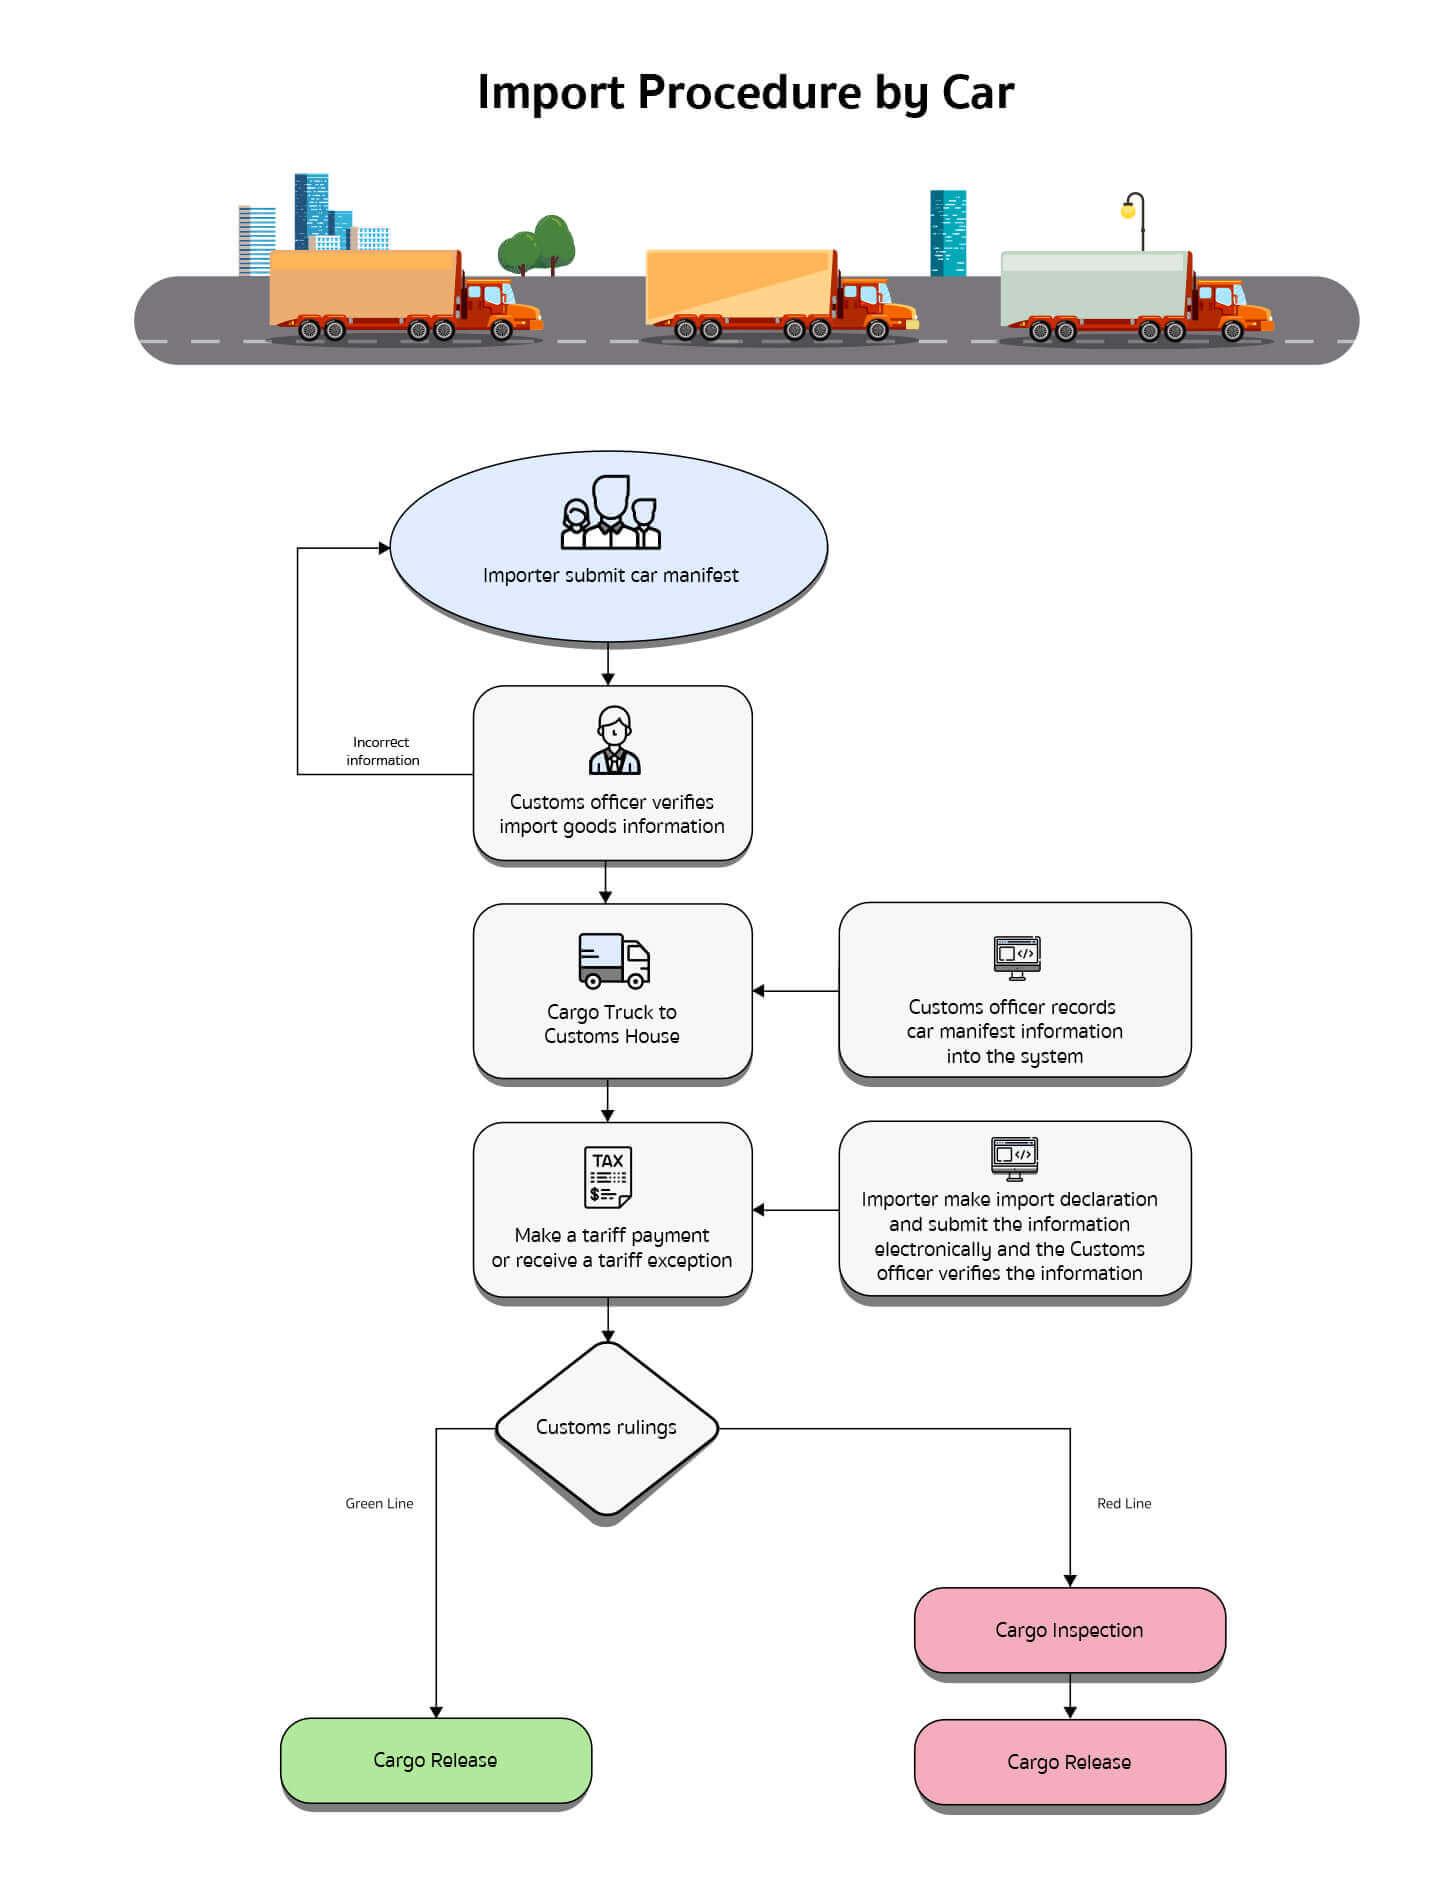 Customs Procedures by Road